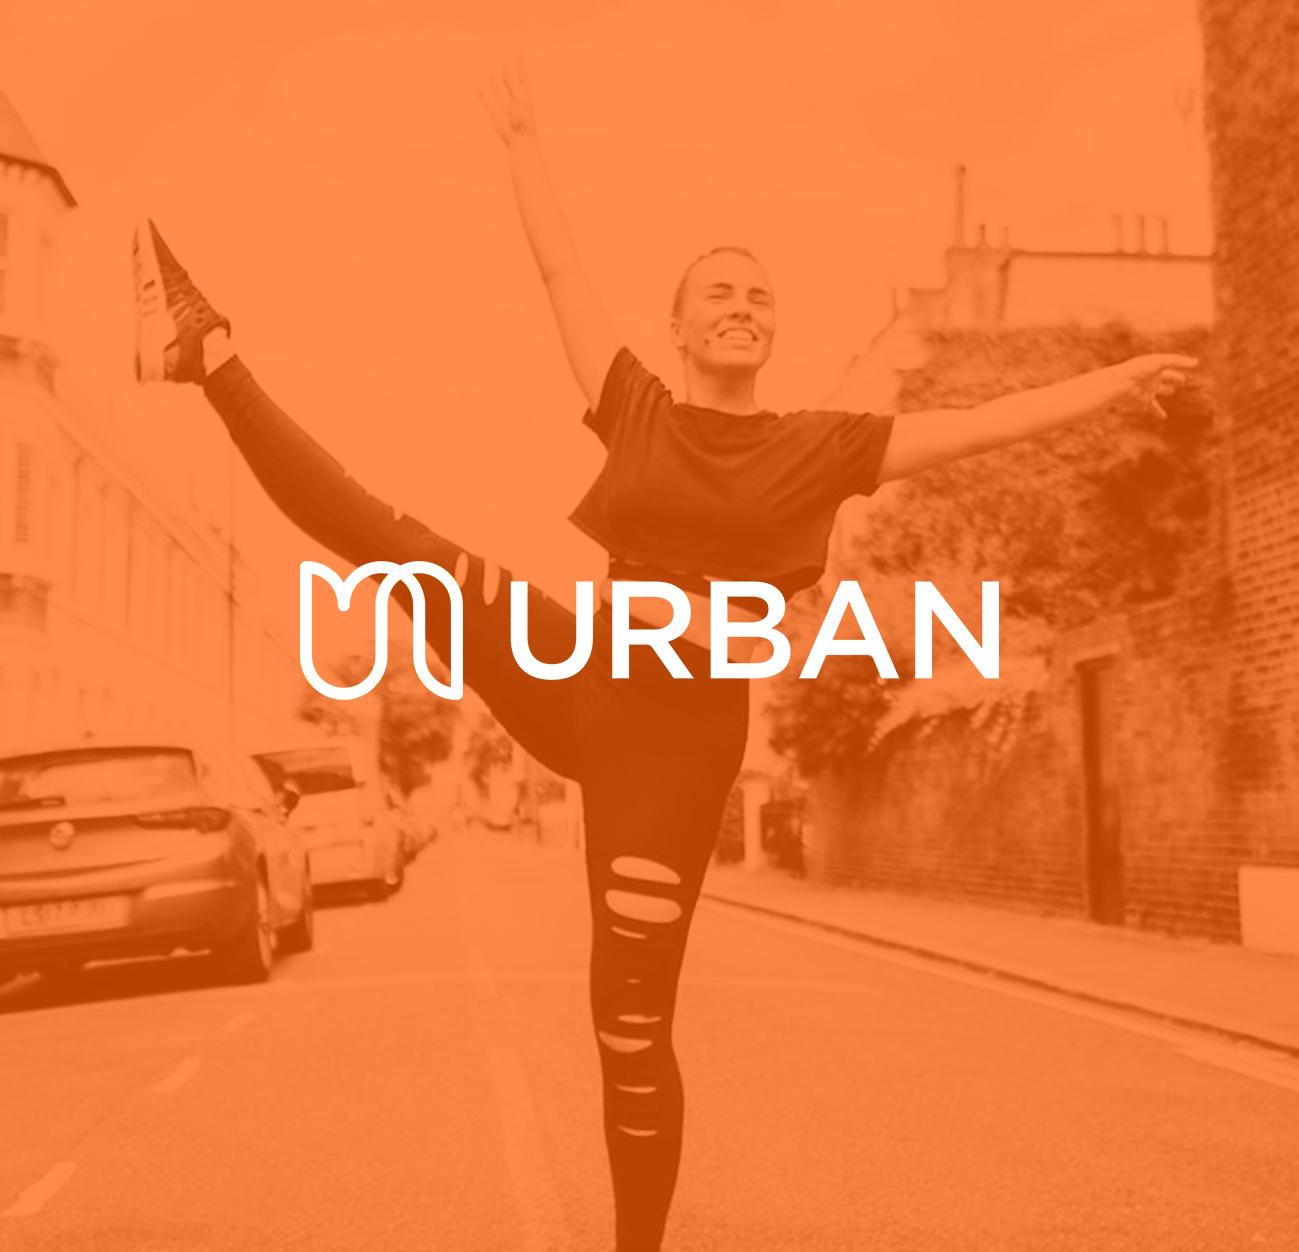 www.urbanmassage.com